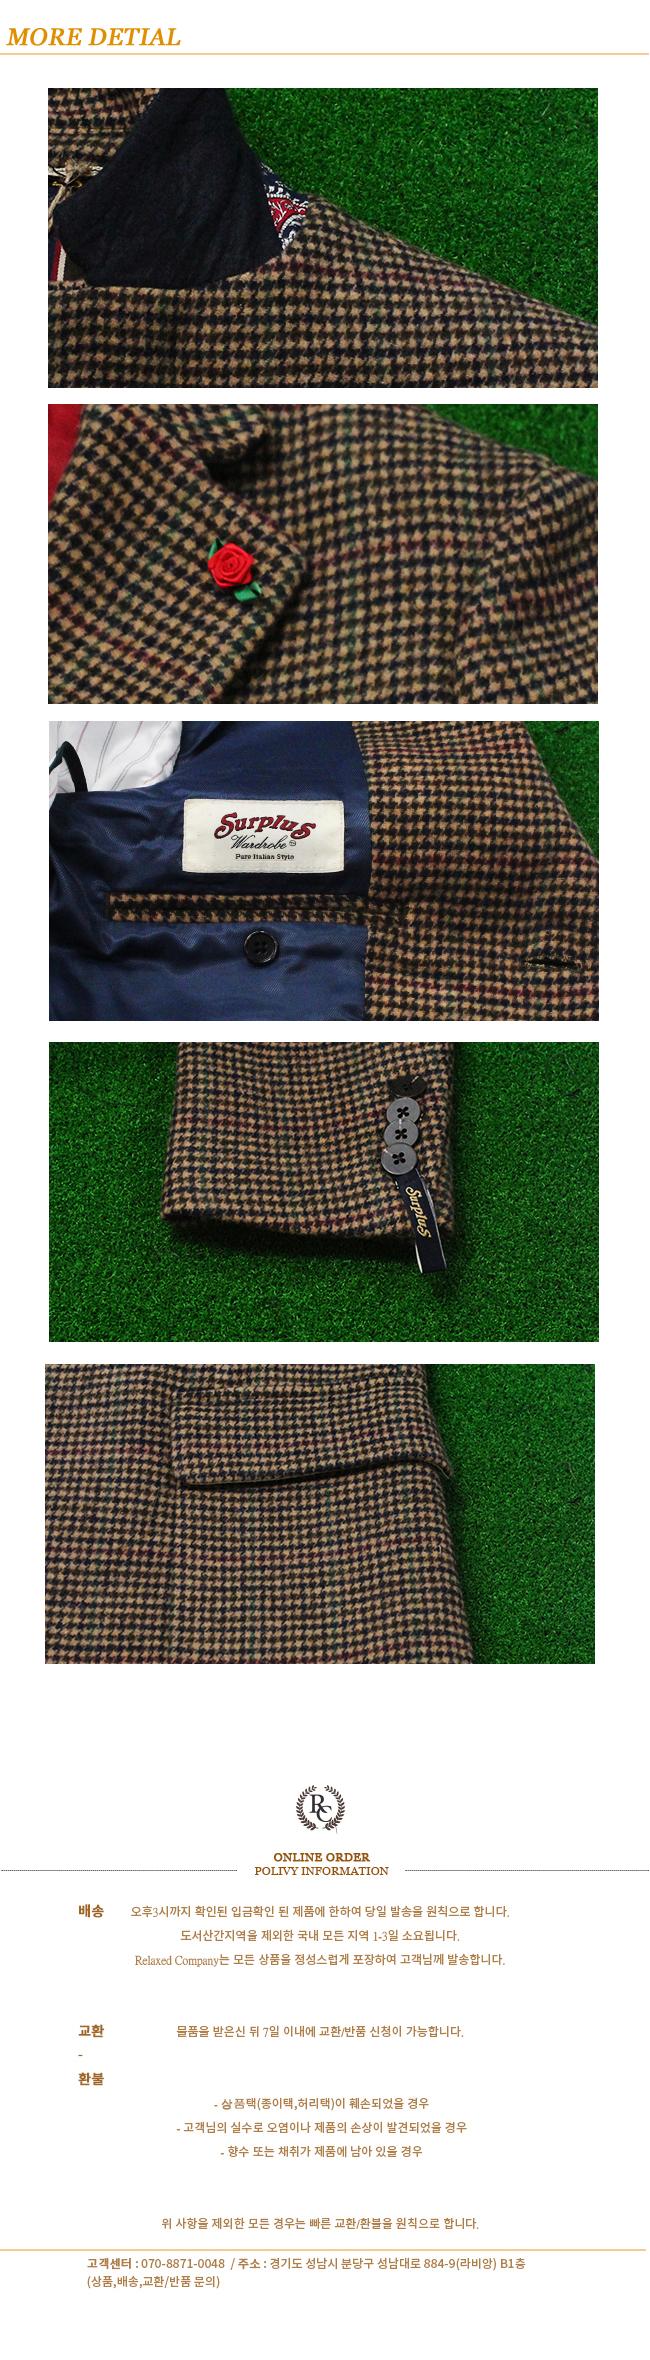 지아니루포(GIANNI LUPO) Sw21856 클래식 하운드투스 울혼방 코트(Br)